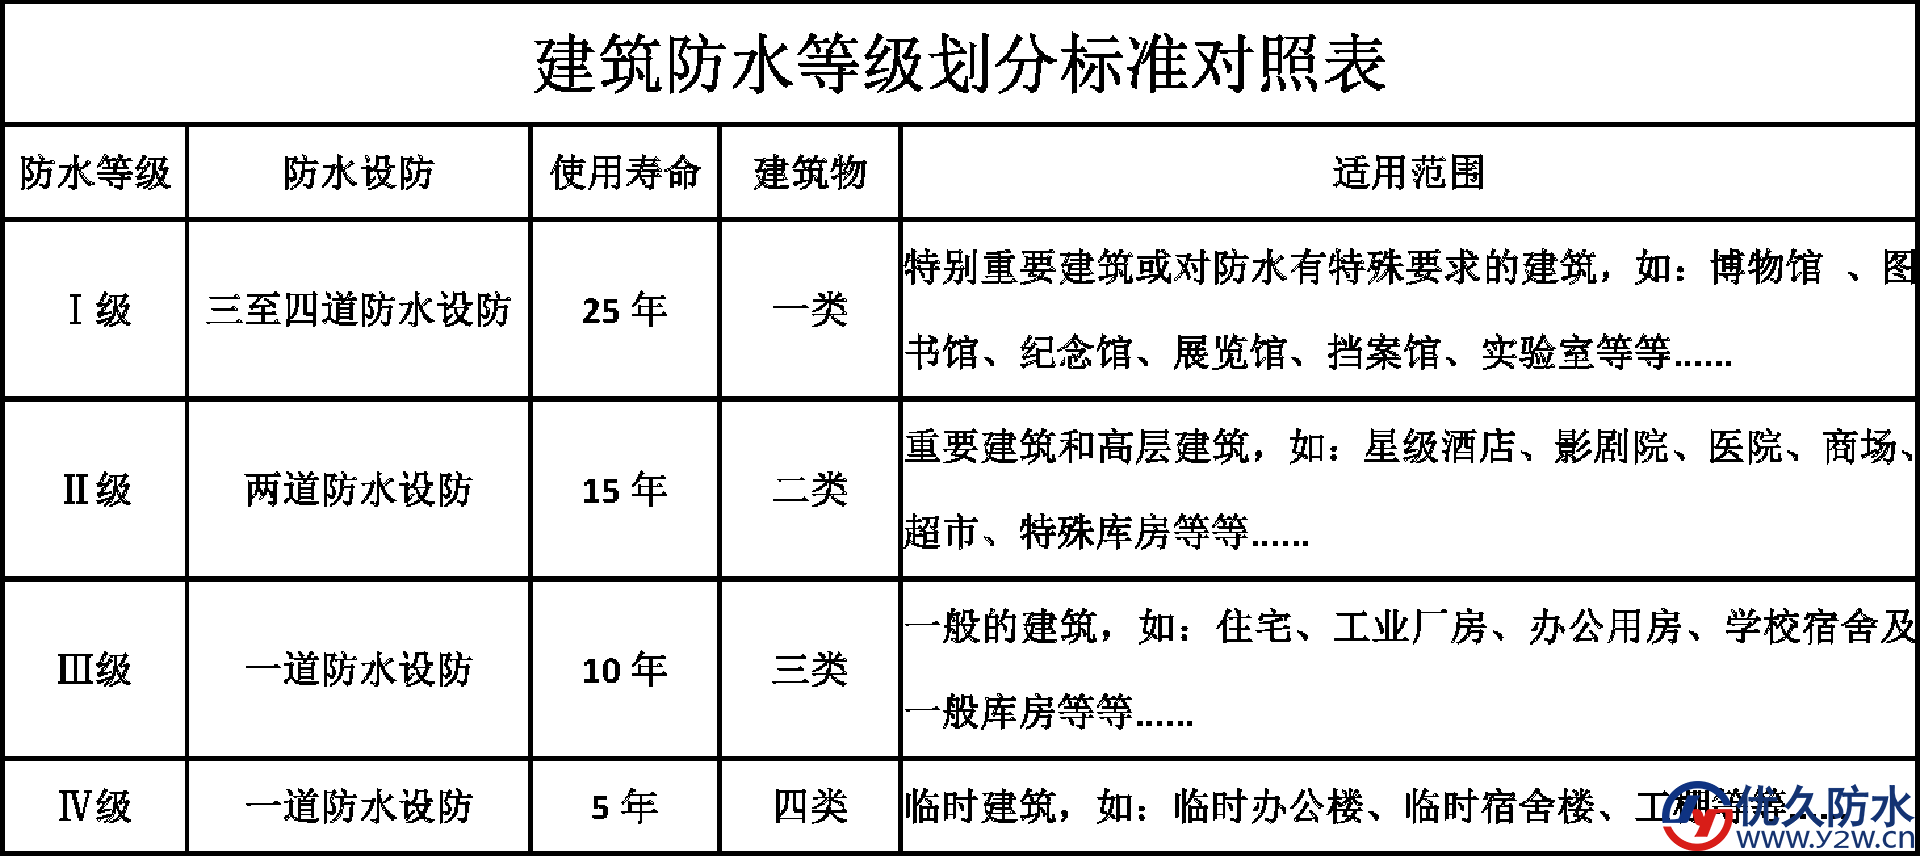 陕西最新建筑防水等级划分标准【完整版】